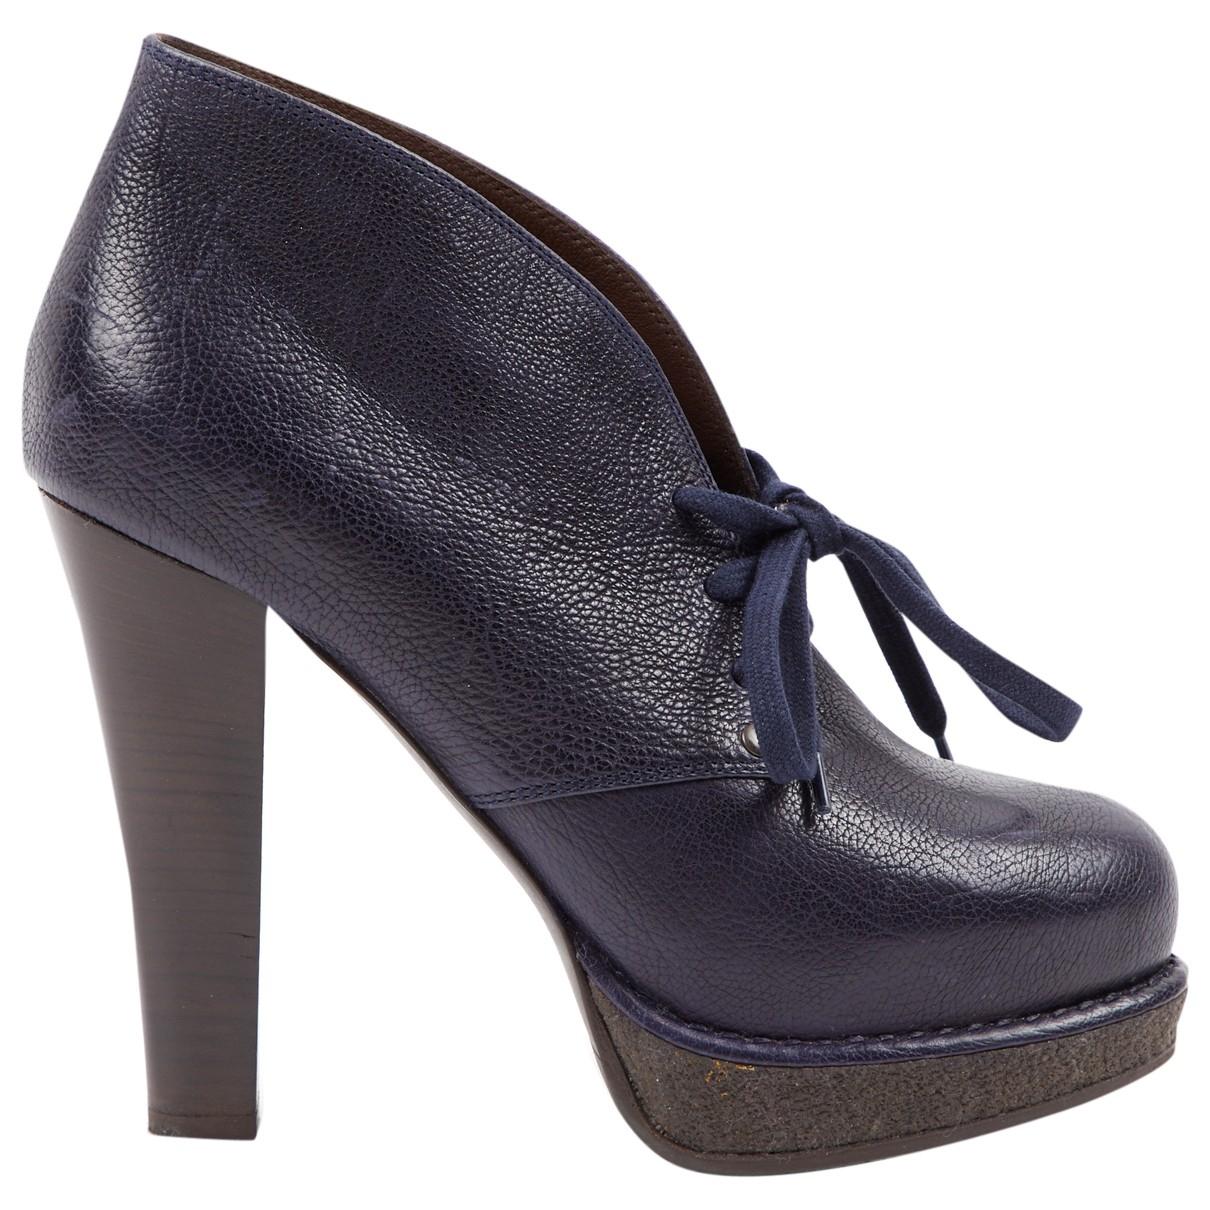 Bottega Veneta - Boots   pour femme en a paillettes - marine